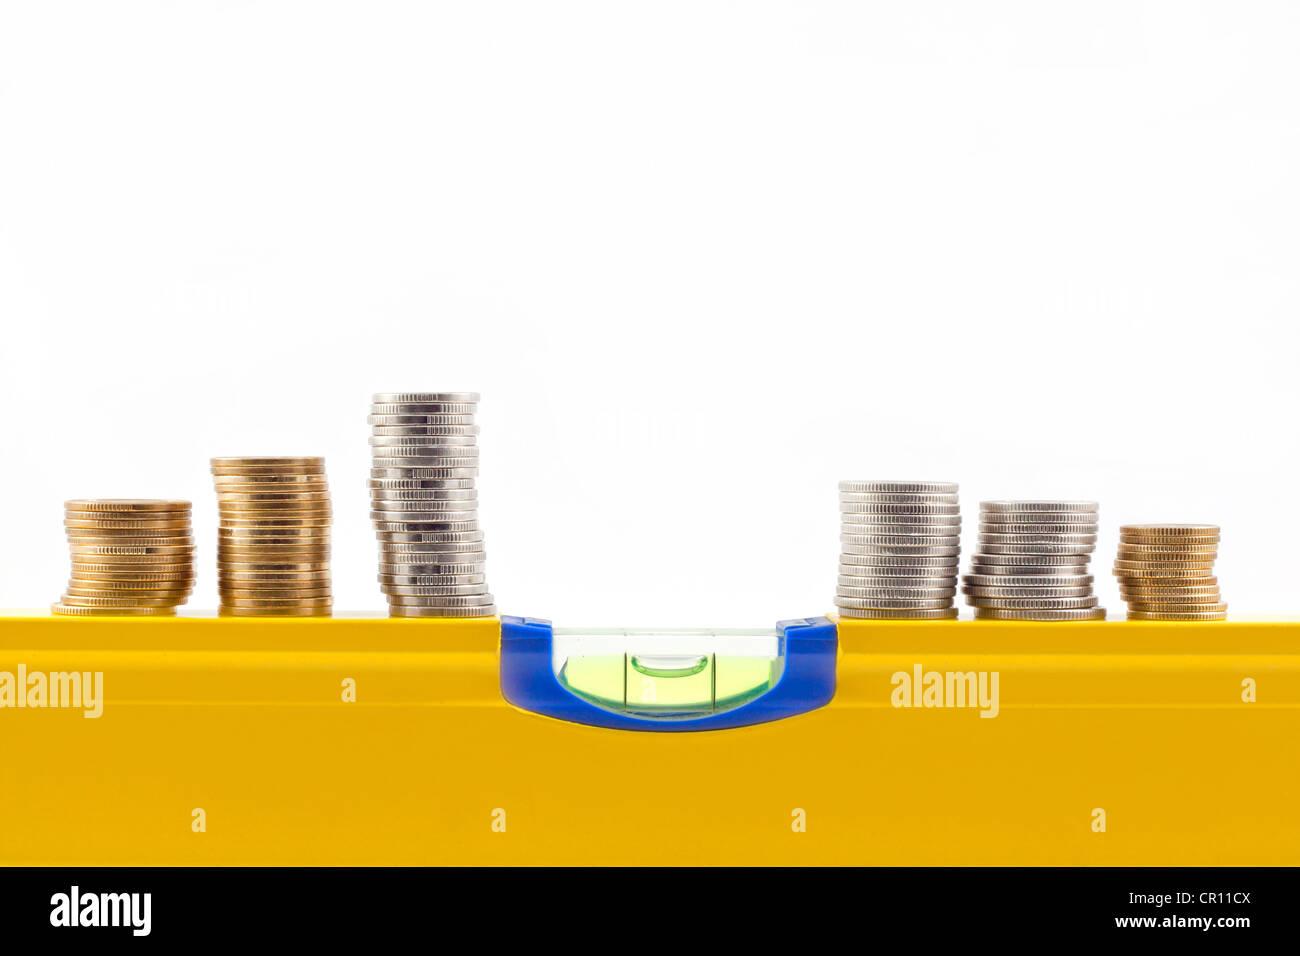 Patto di stabilità e di cambiamento nel tasso di denaro abstract su sfondo bianco Immagini Stock